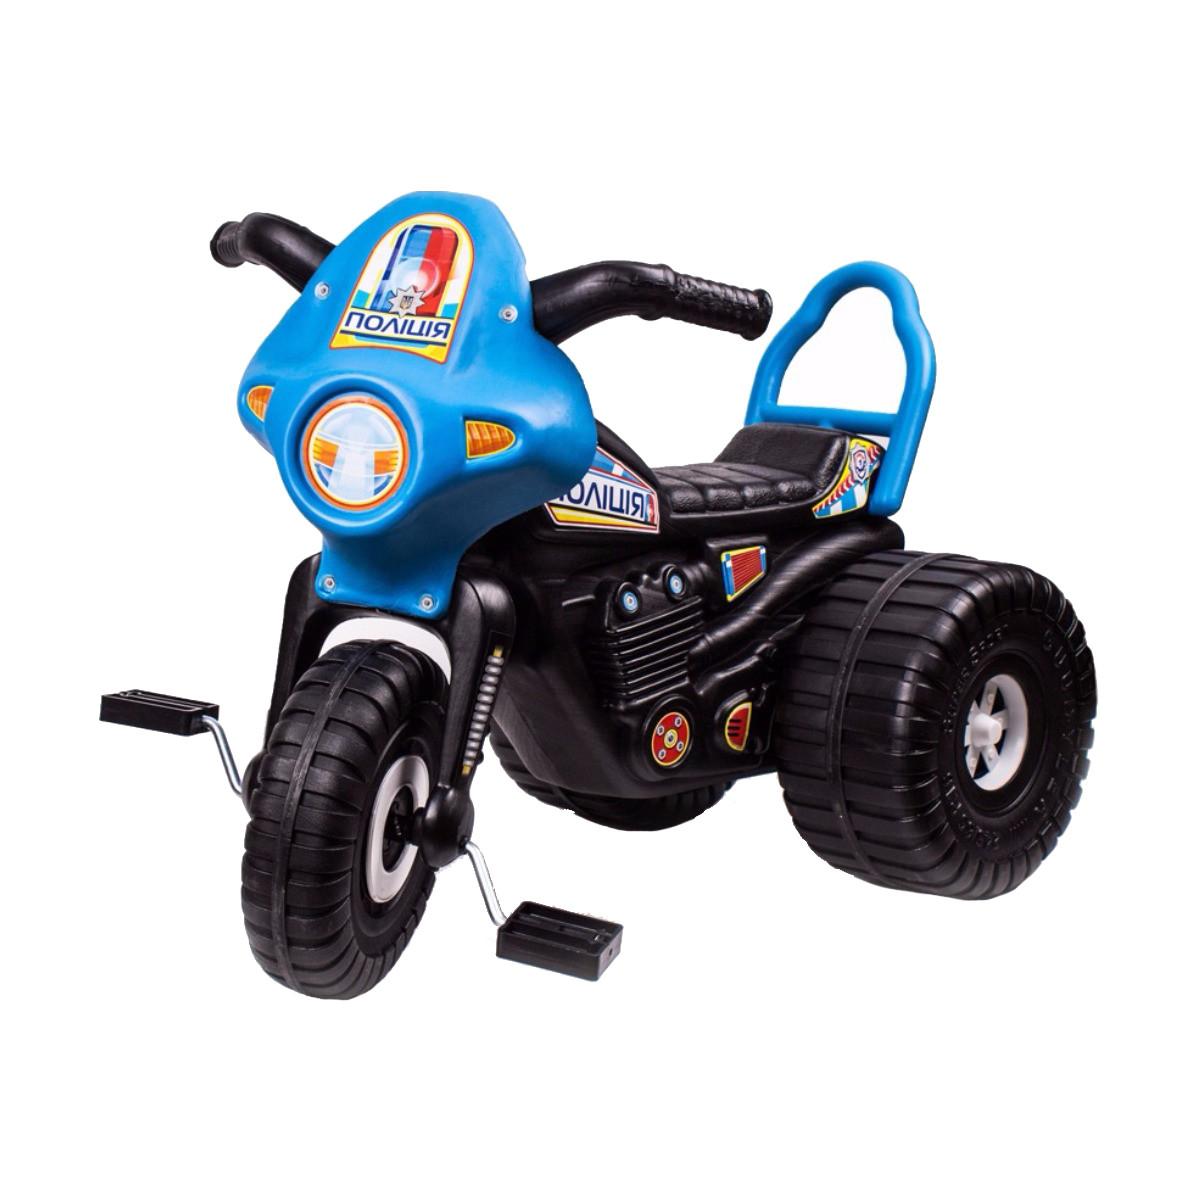 Трицикл ролиция (чорний) (4142)